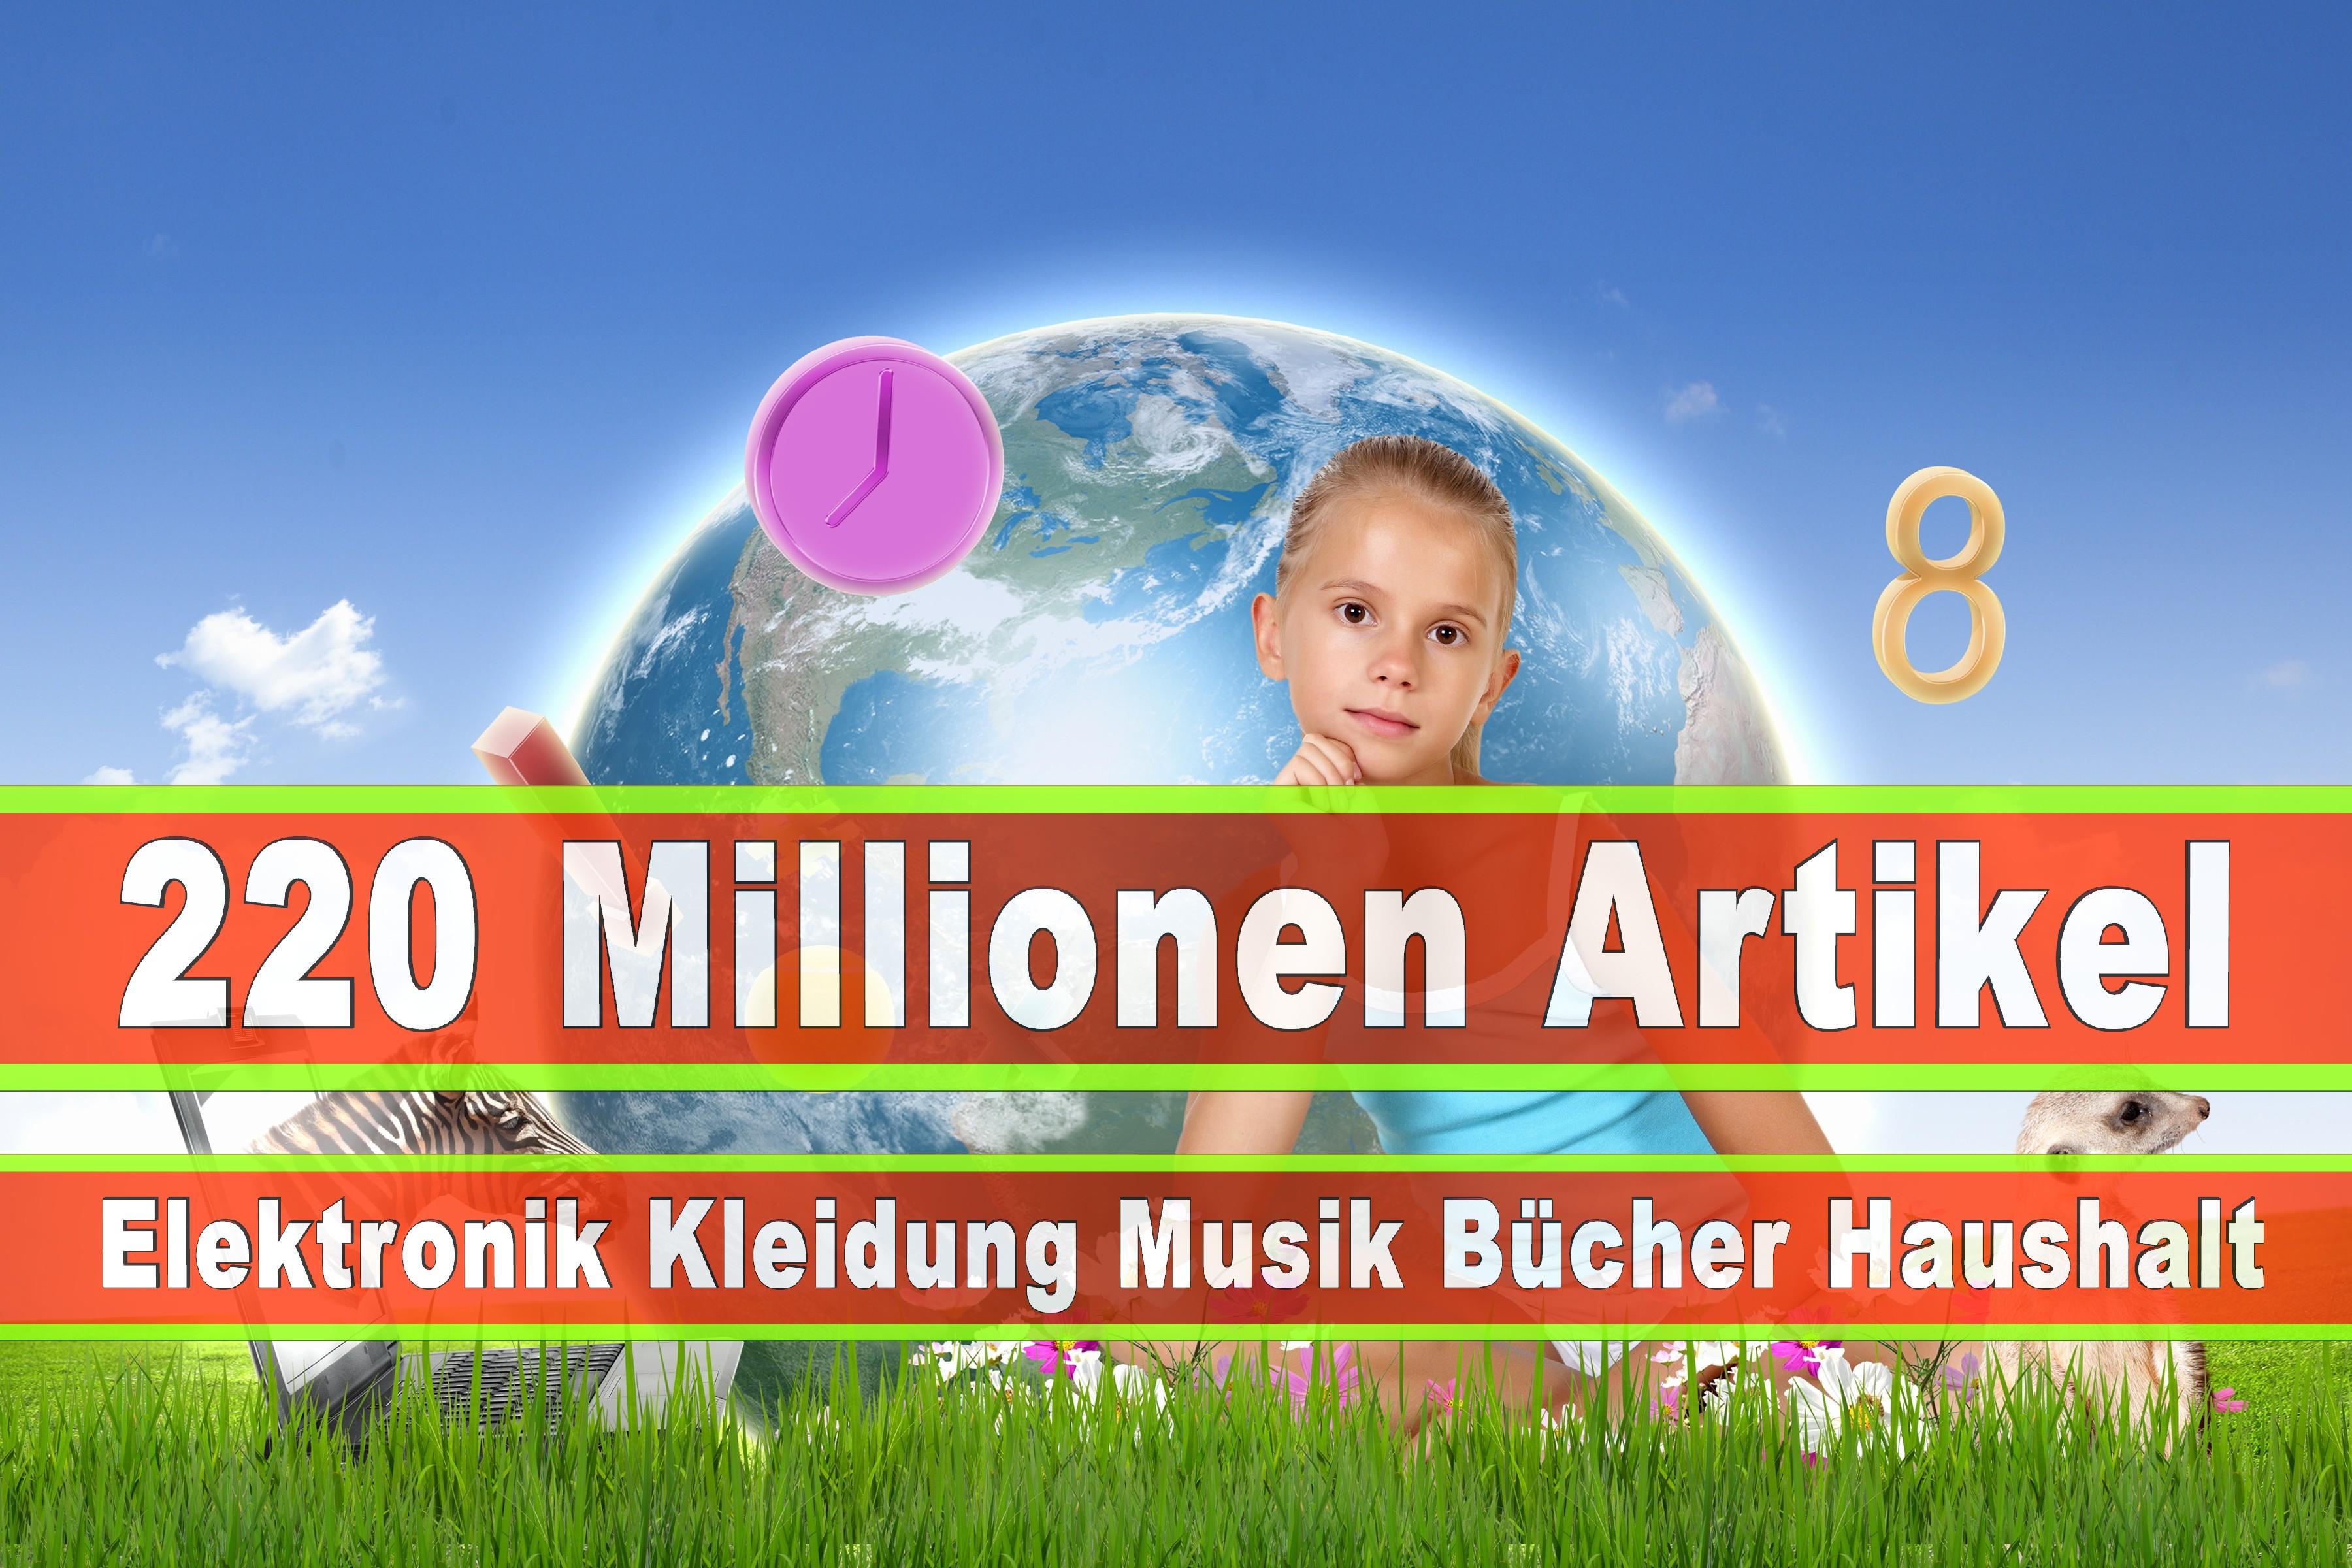 Amazon Elektronik Musik Haushalt Bücher CD DVD Handys Smartphones TV Television Fernseher Kleidung Mode Ebay Versandhaus (187)